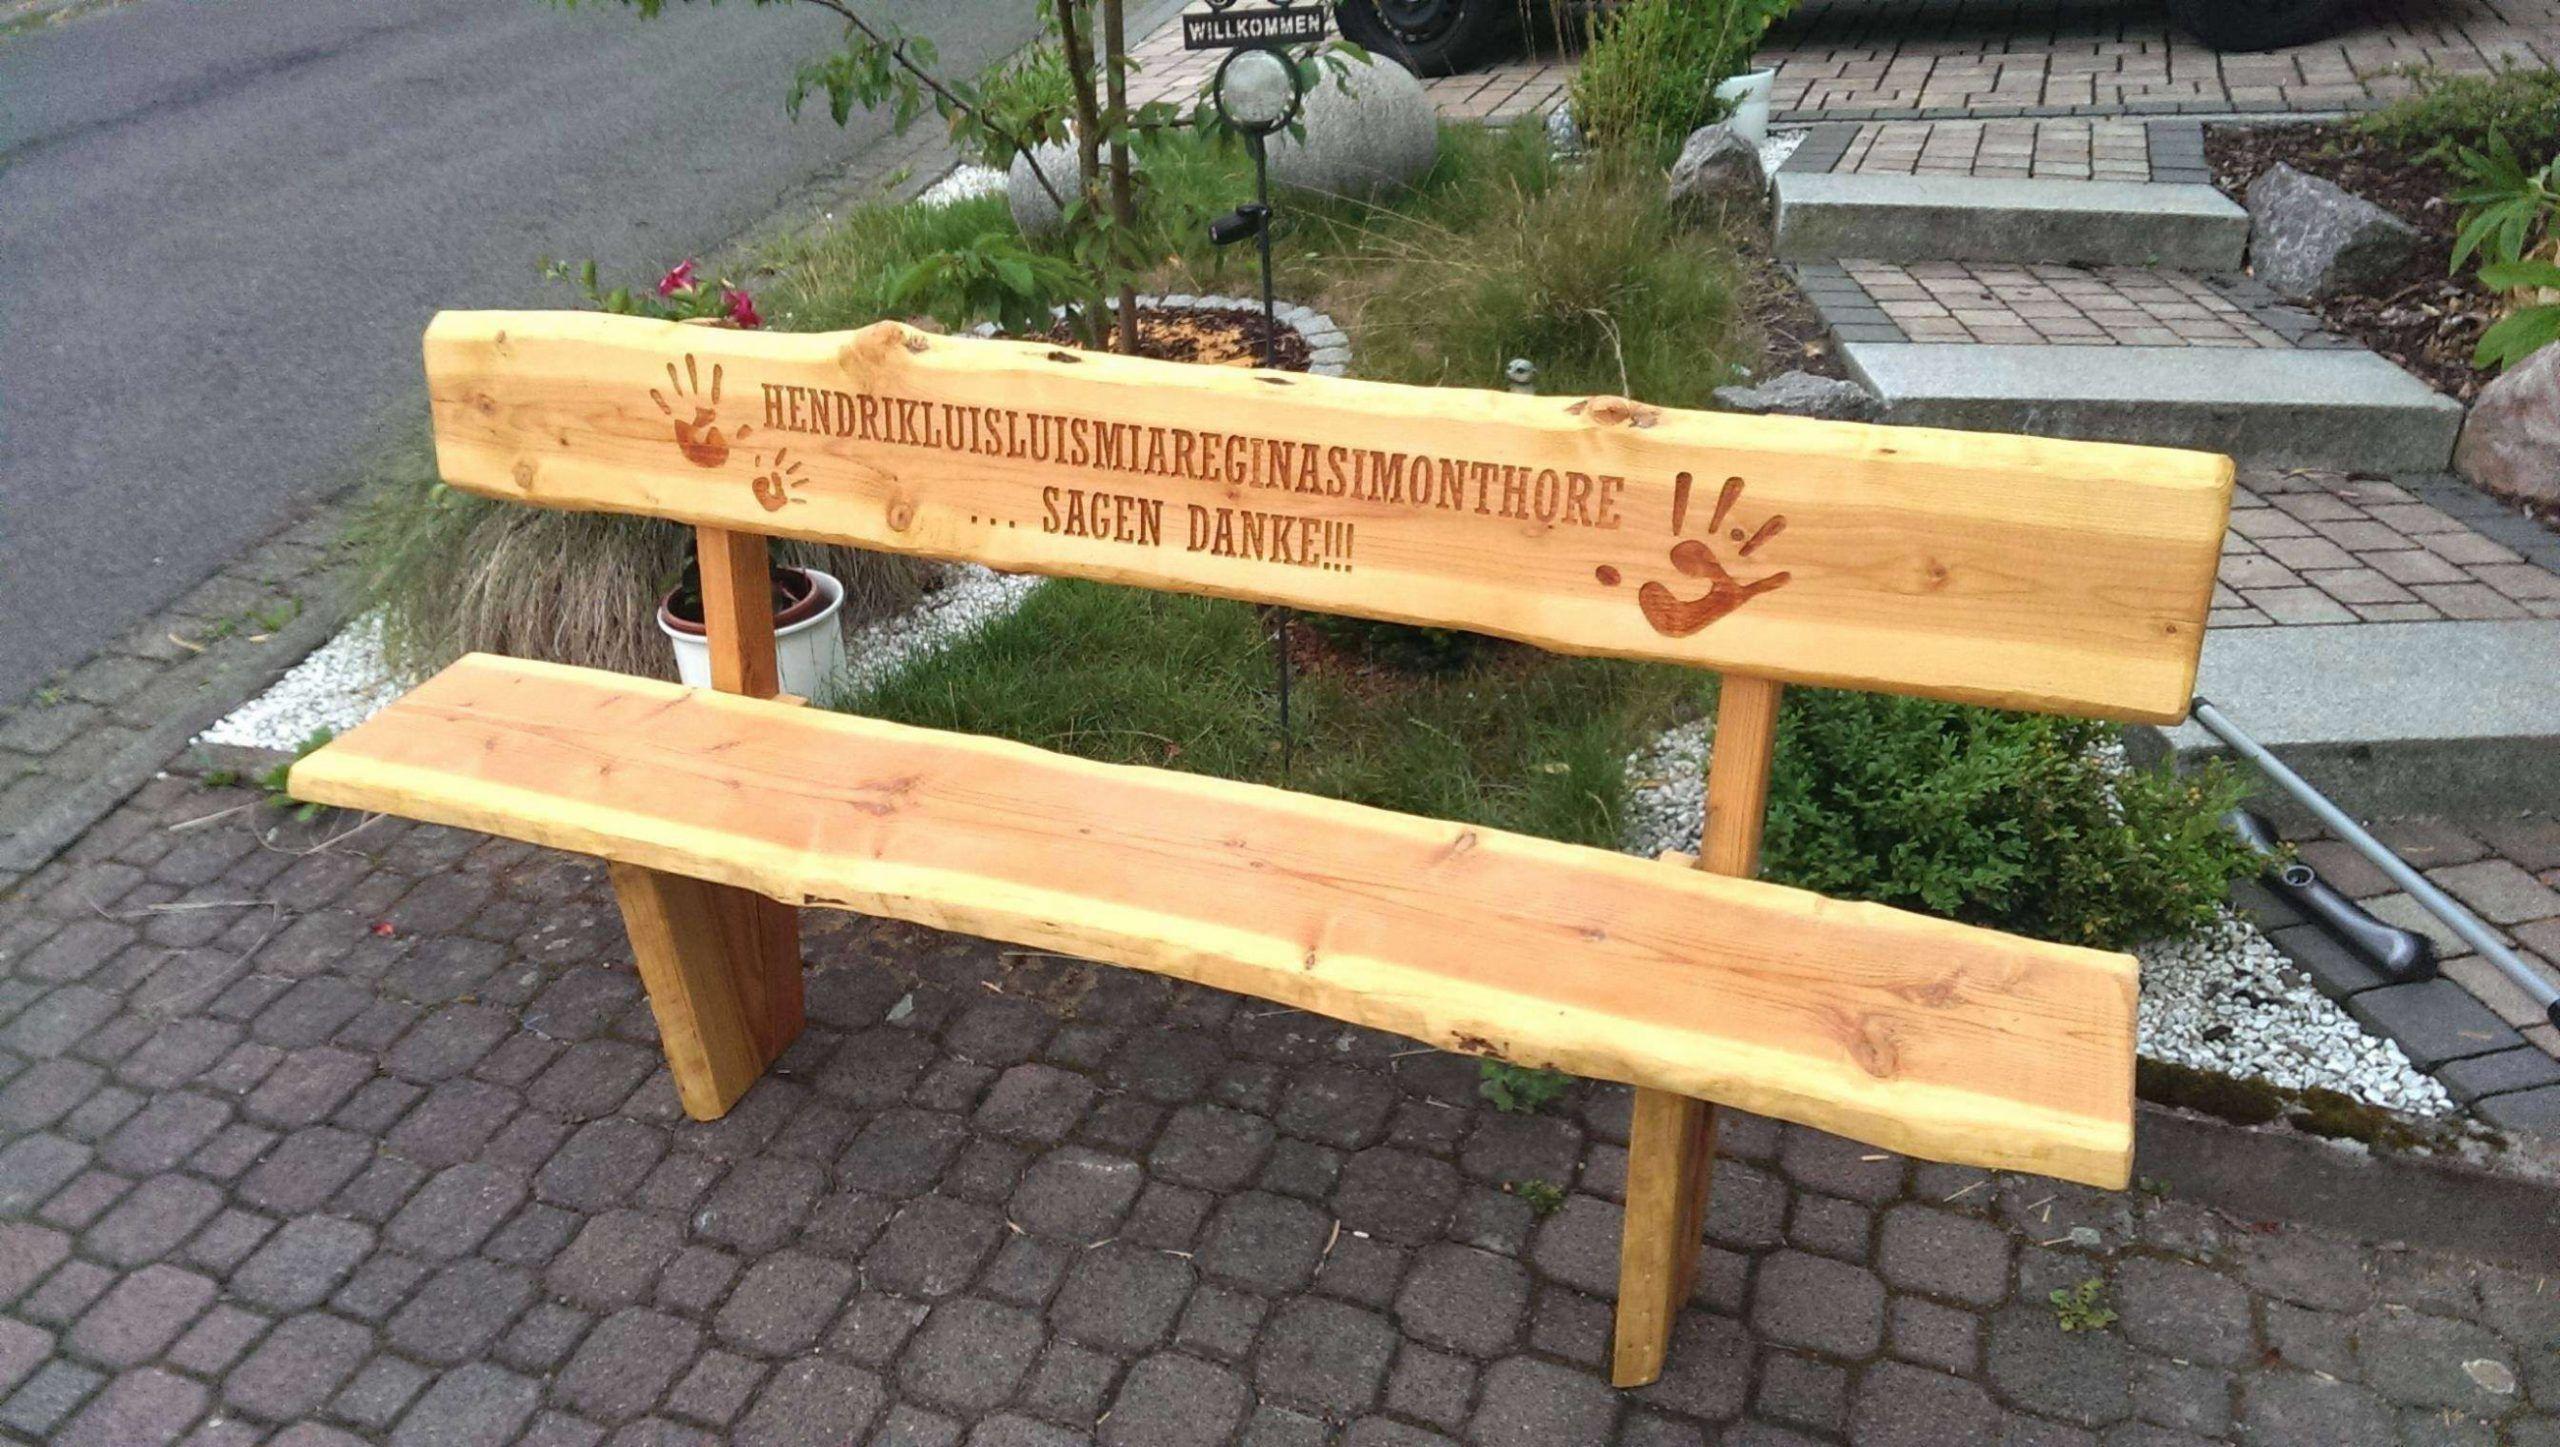 Holzbank Garten Rustikal Gartenbank Selber Bauen Holzbank Garten Gartenbank Holz Rustikal